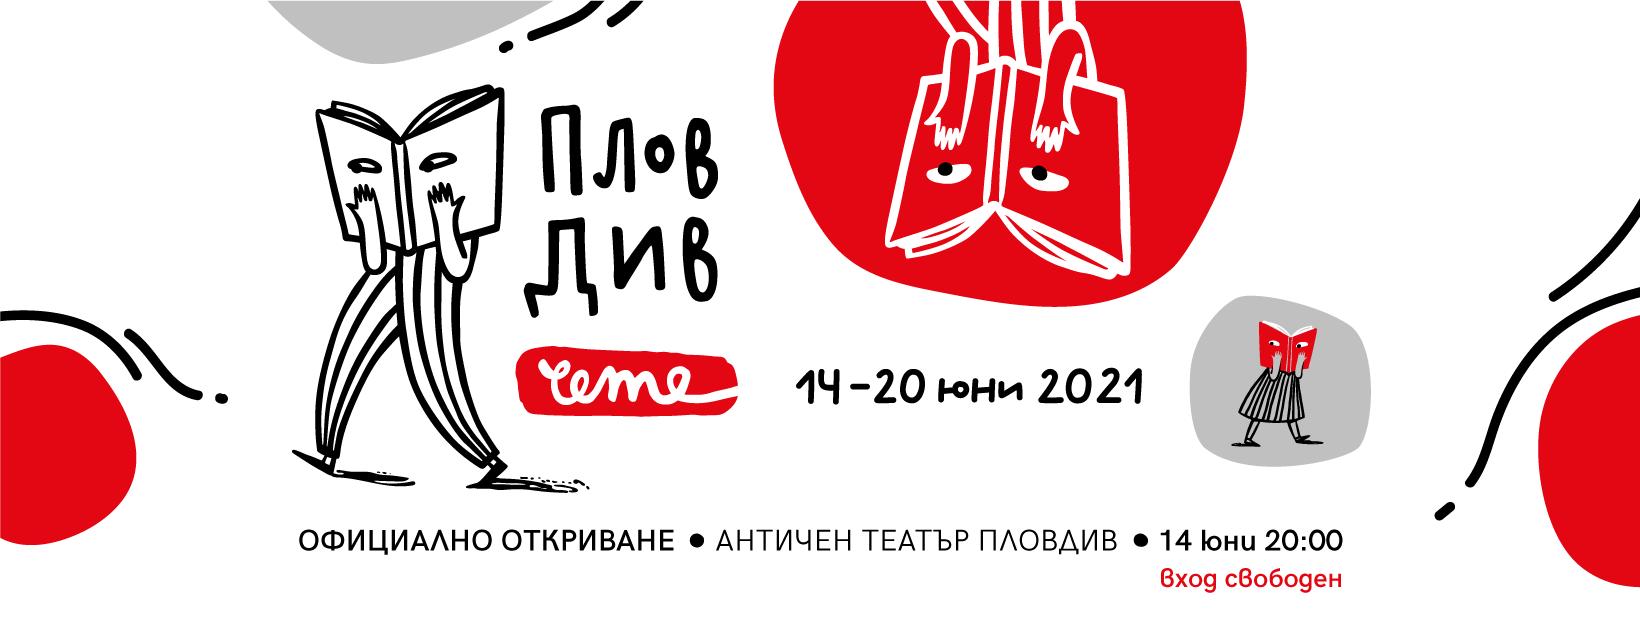 plovdiv_cheteopening